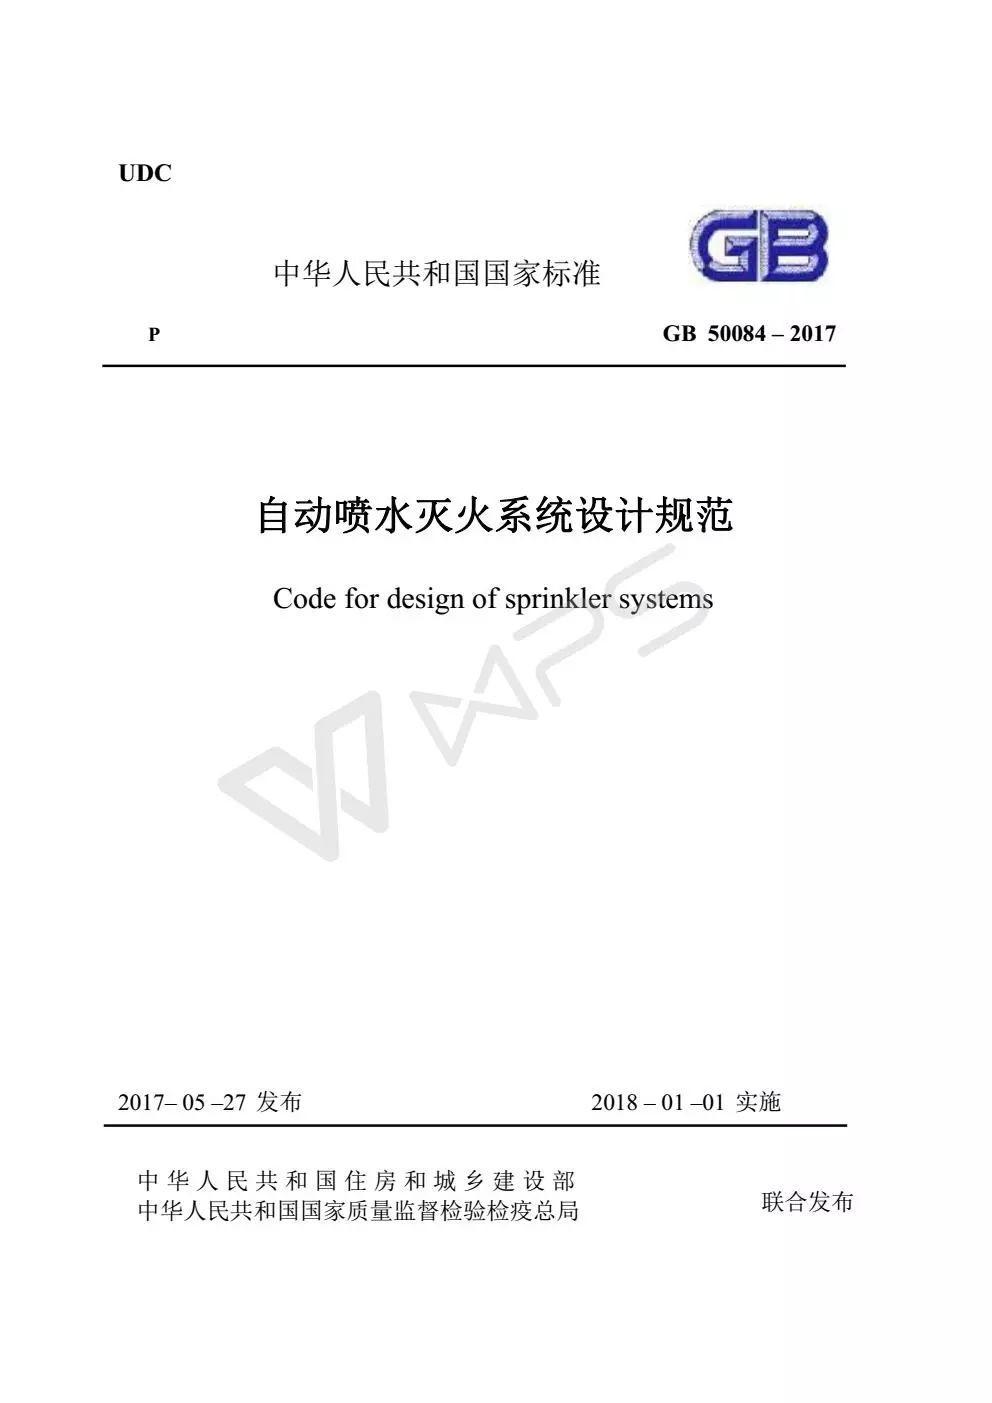 《自动喷水灭火系统设计规范》 GB50084-2017-港口技术安全网